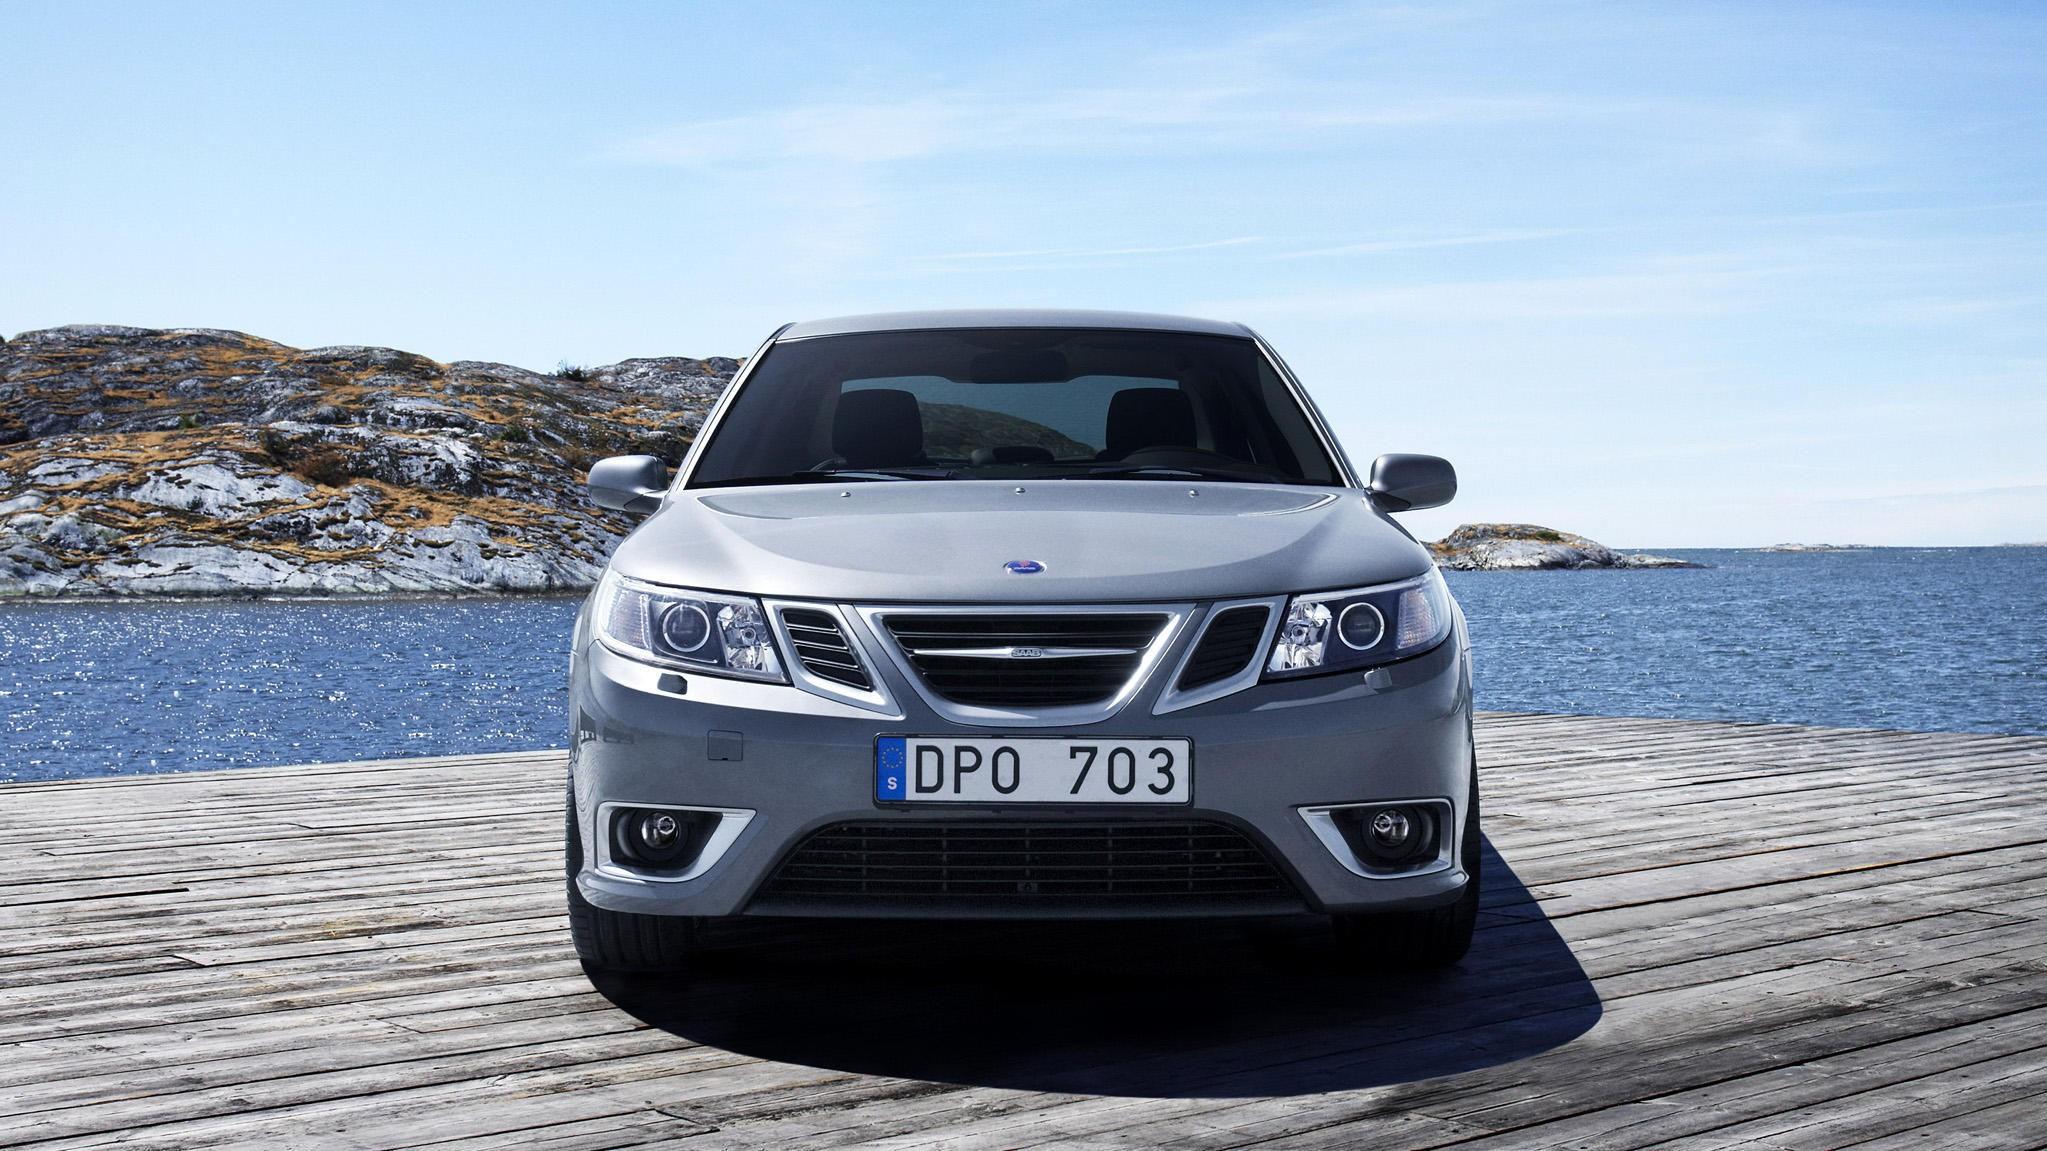 GODT UTVALG PÅ BRUKTMARKEDET: Saab gikk konkurs i 2012, men på bruktmarkedet er fortsatt utvalget av biler godt.